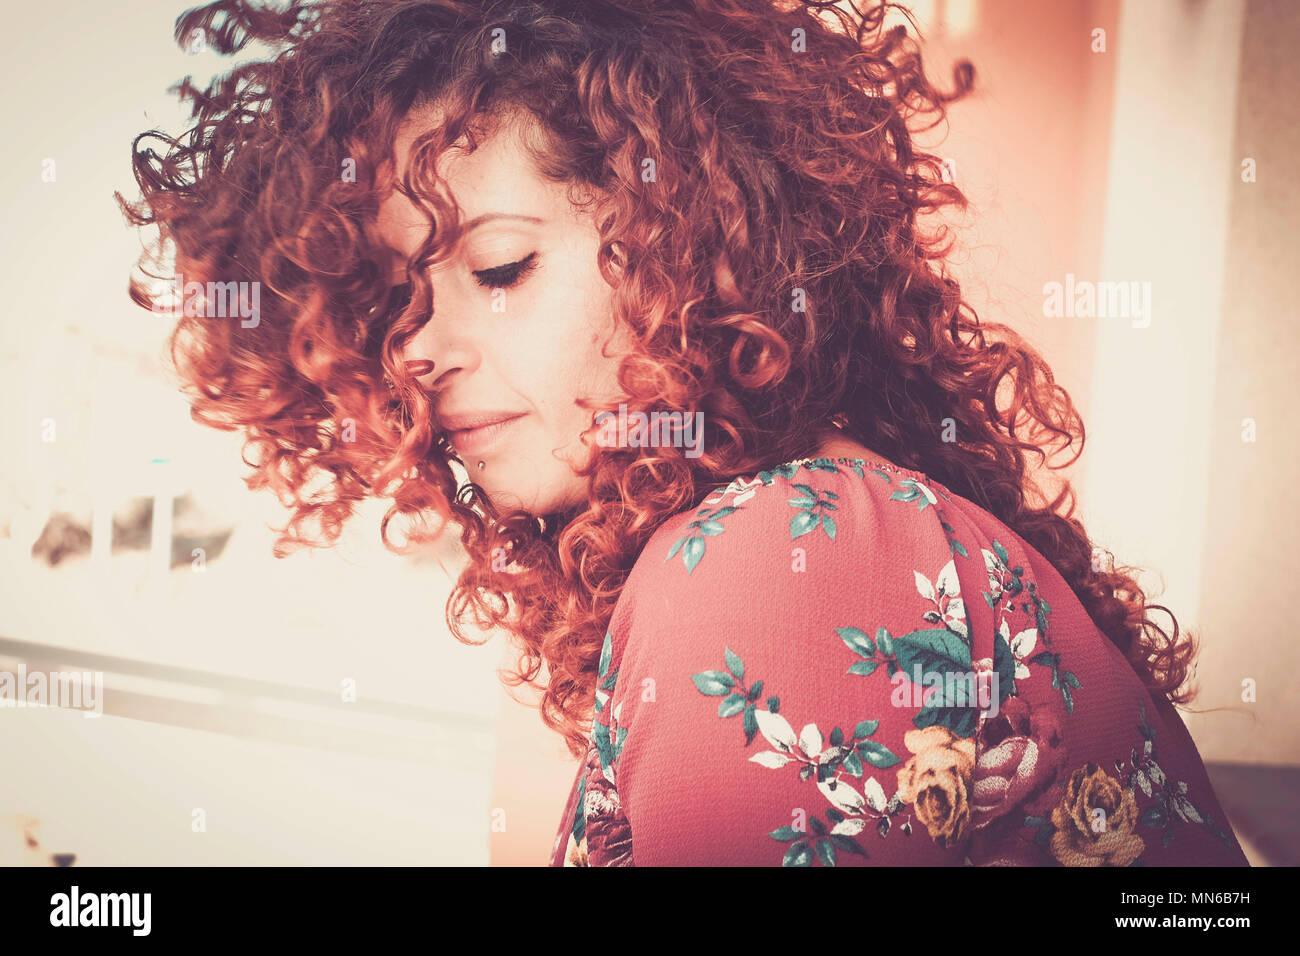 Bel rosso ritratto di Capelli rossi ragazza perso nei suoi pensieri da soli a casa. I colori caldi e toni, chiuse gli occhi e solitario, bella giovane cacuasian woma Immagini Stock